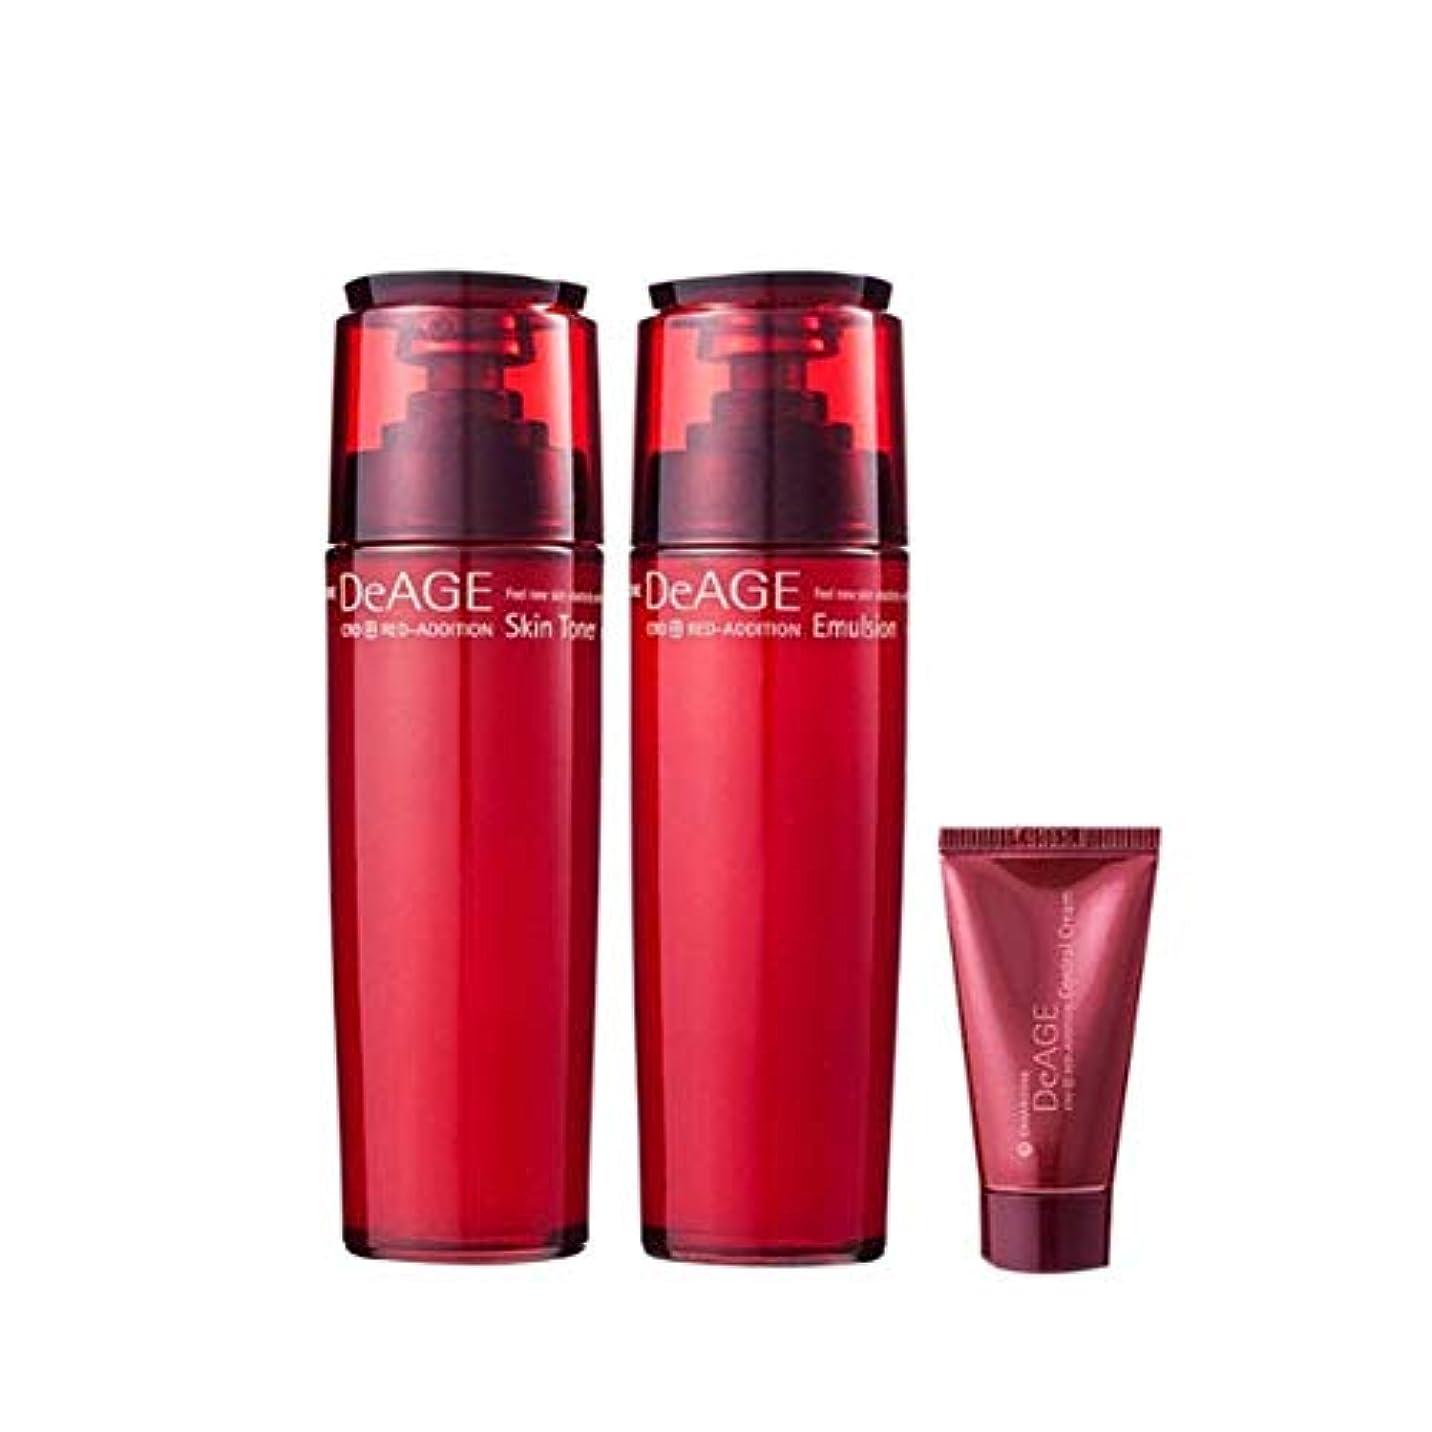 絶滅した反逆者治世チャムジョンディエイジレッドエディションセット(スキントナー130ml、エマルジョン130ml、コントロールクリーム15ml)、Charmzone DeAGE Red Addition Set(Skin Toner 130ml...